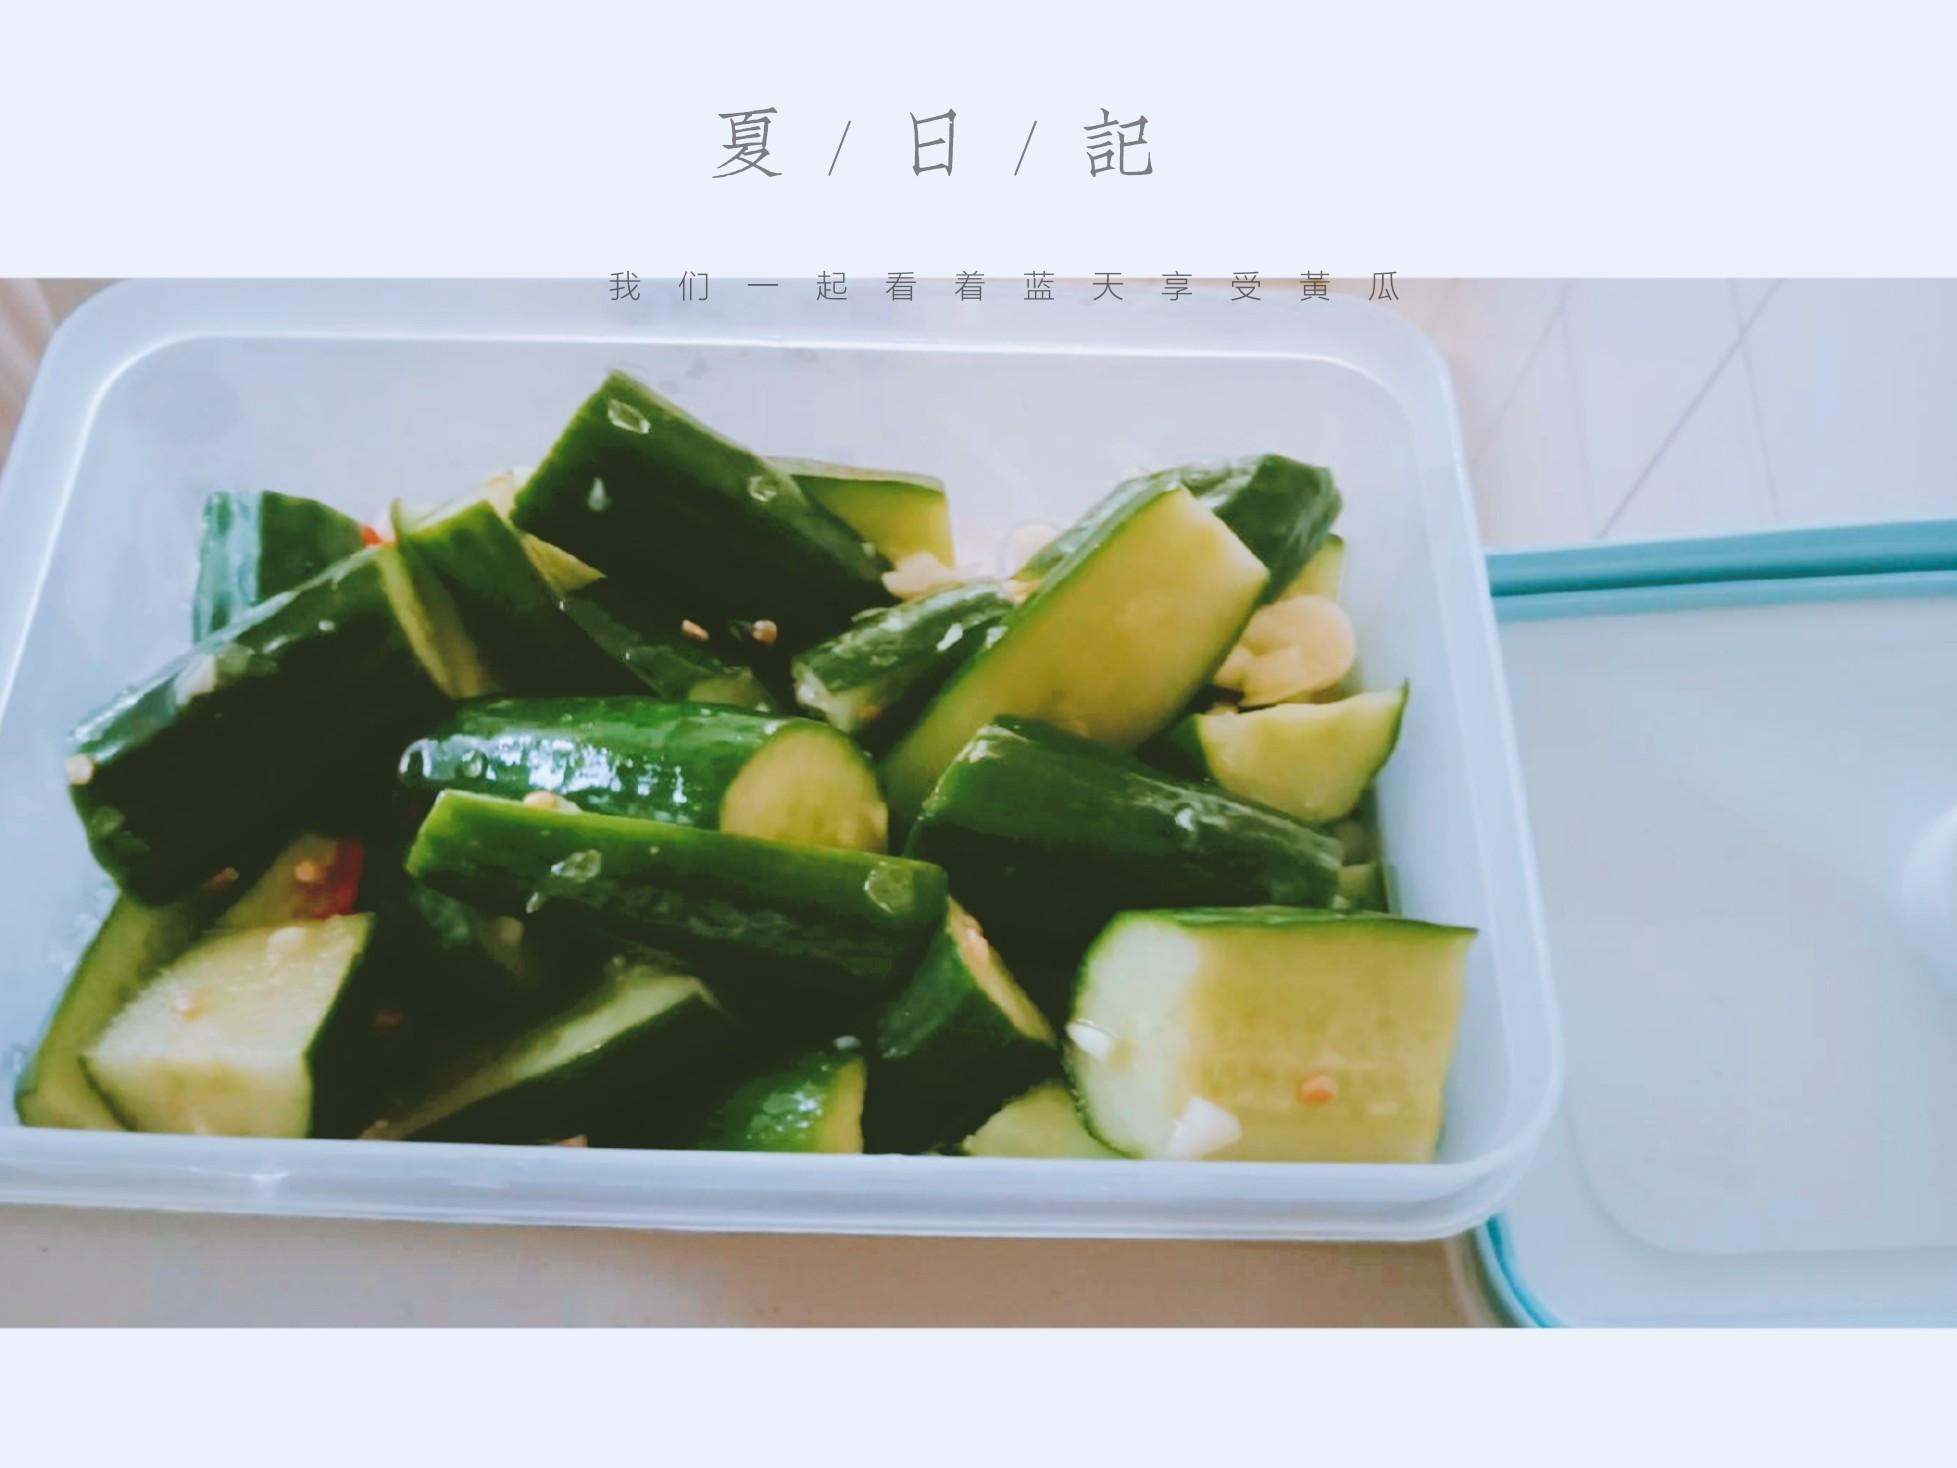 日式醃漬小黃瓜